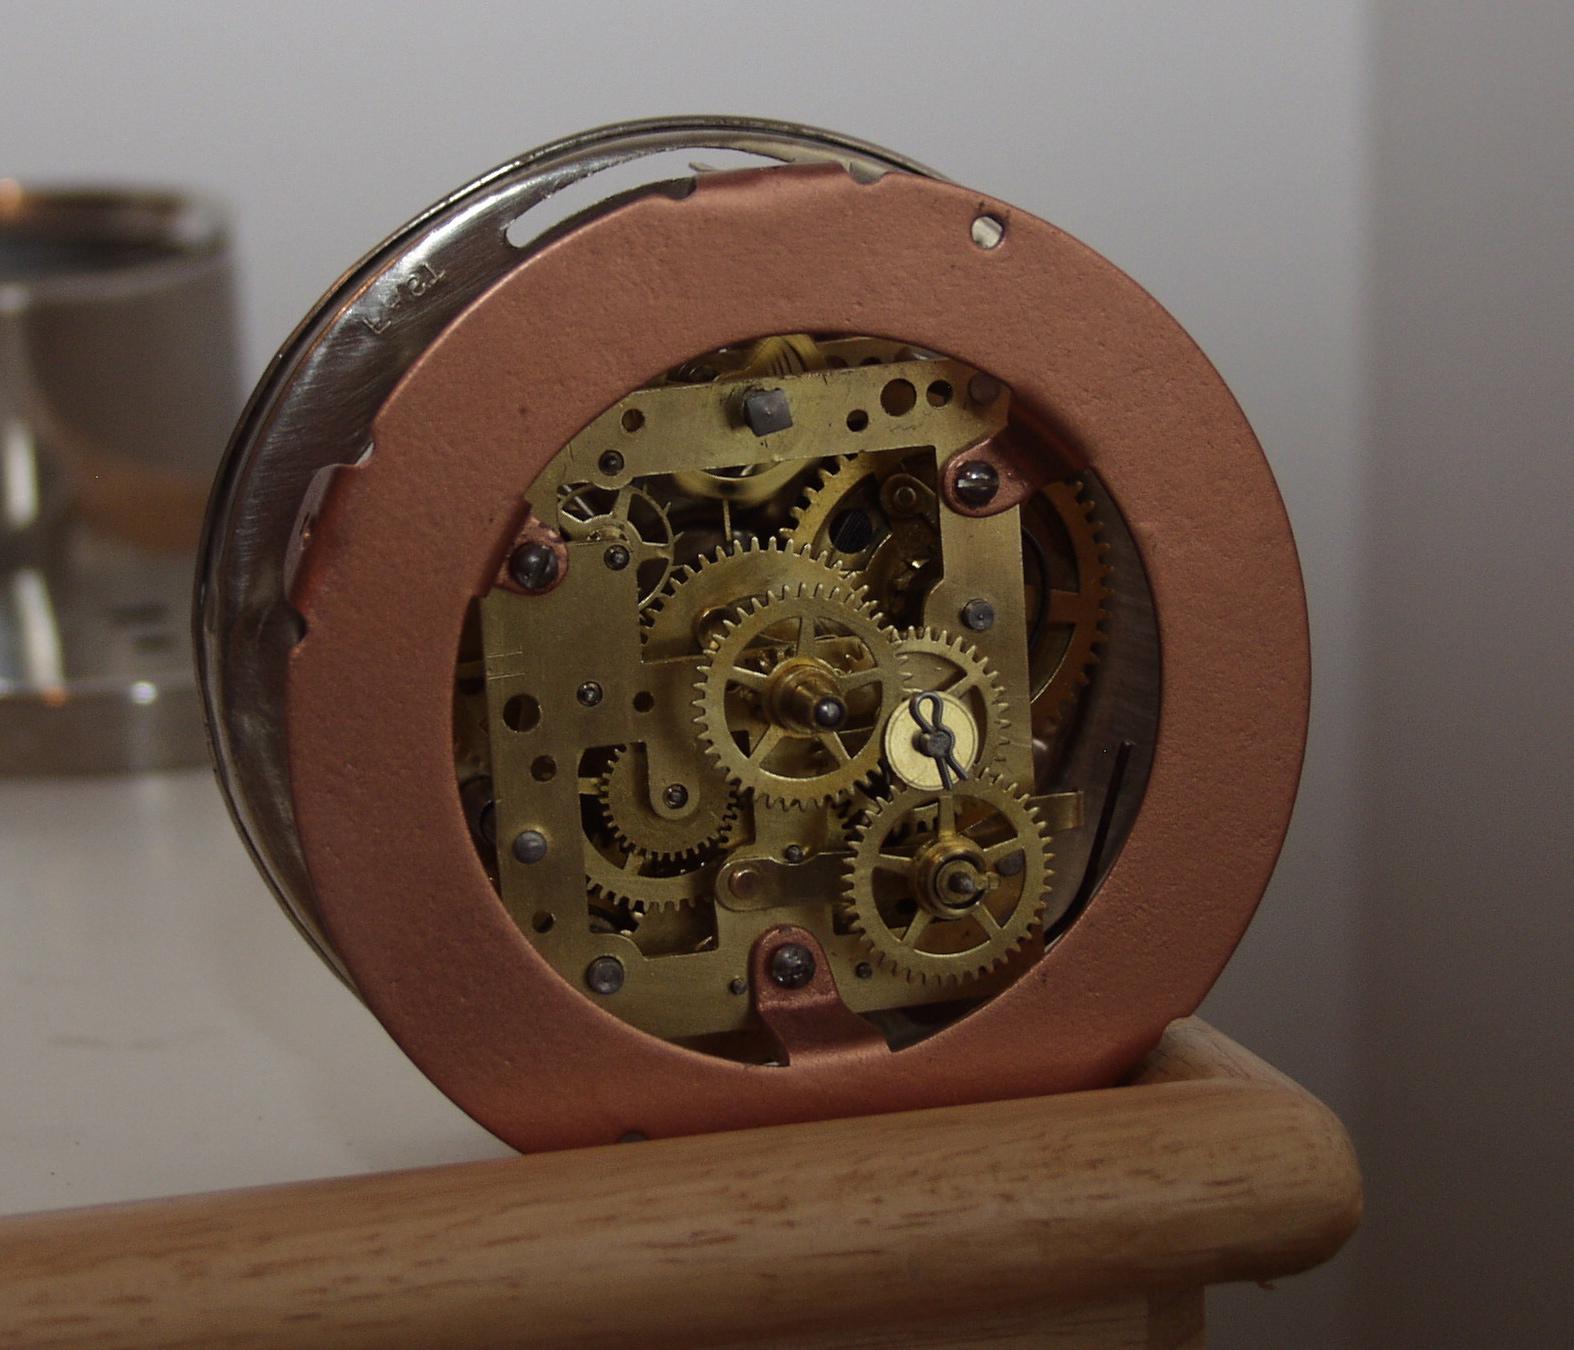 MHX - Alarm Clock